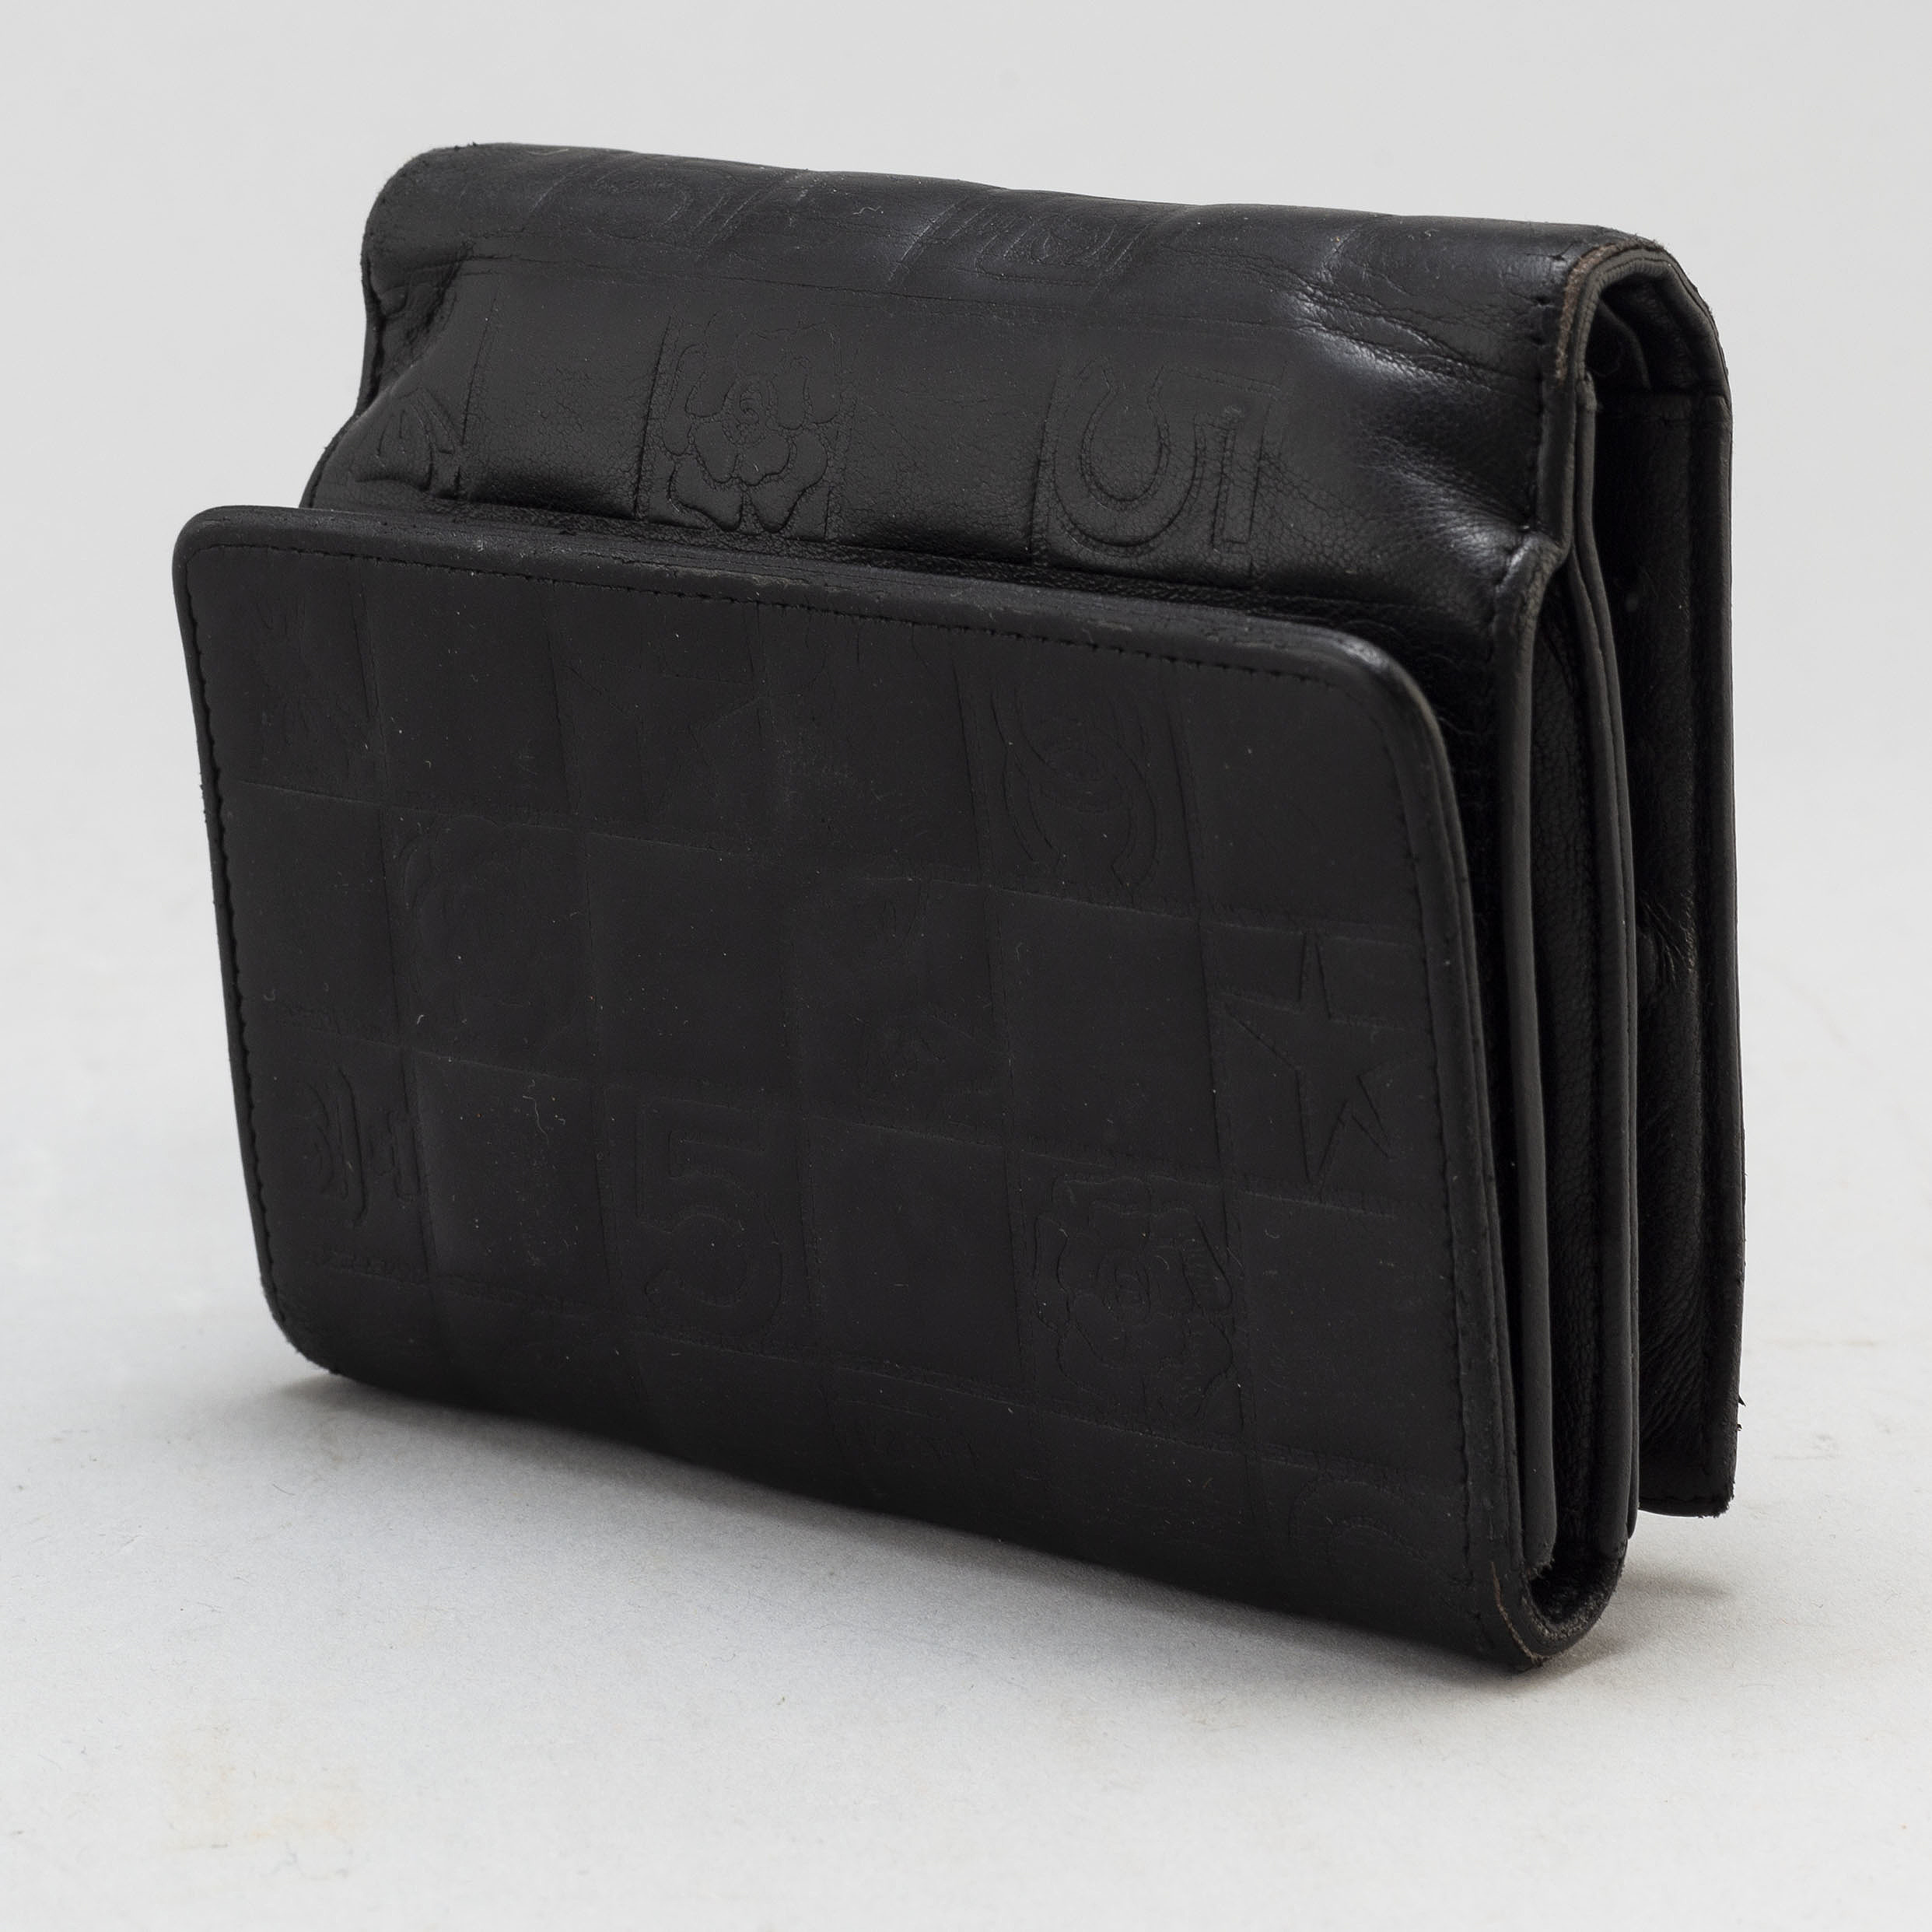 ee3e3ebc0a2 CHANEL, a black leather wallet. - Bukowskis